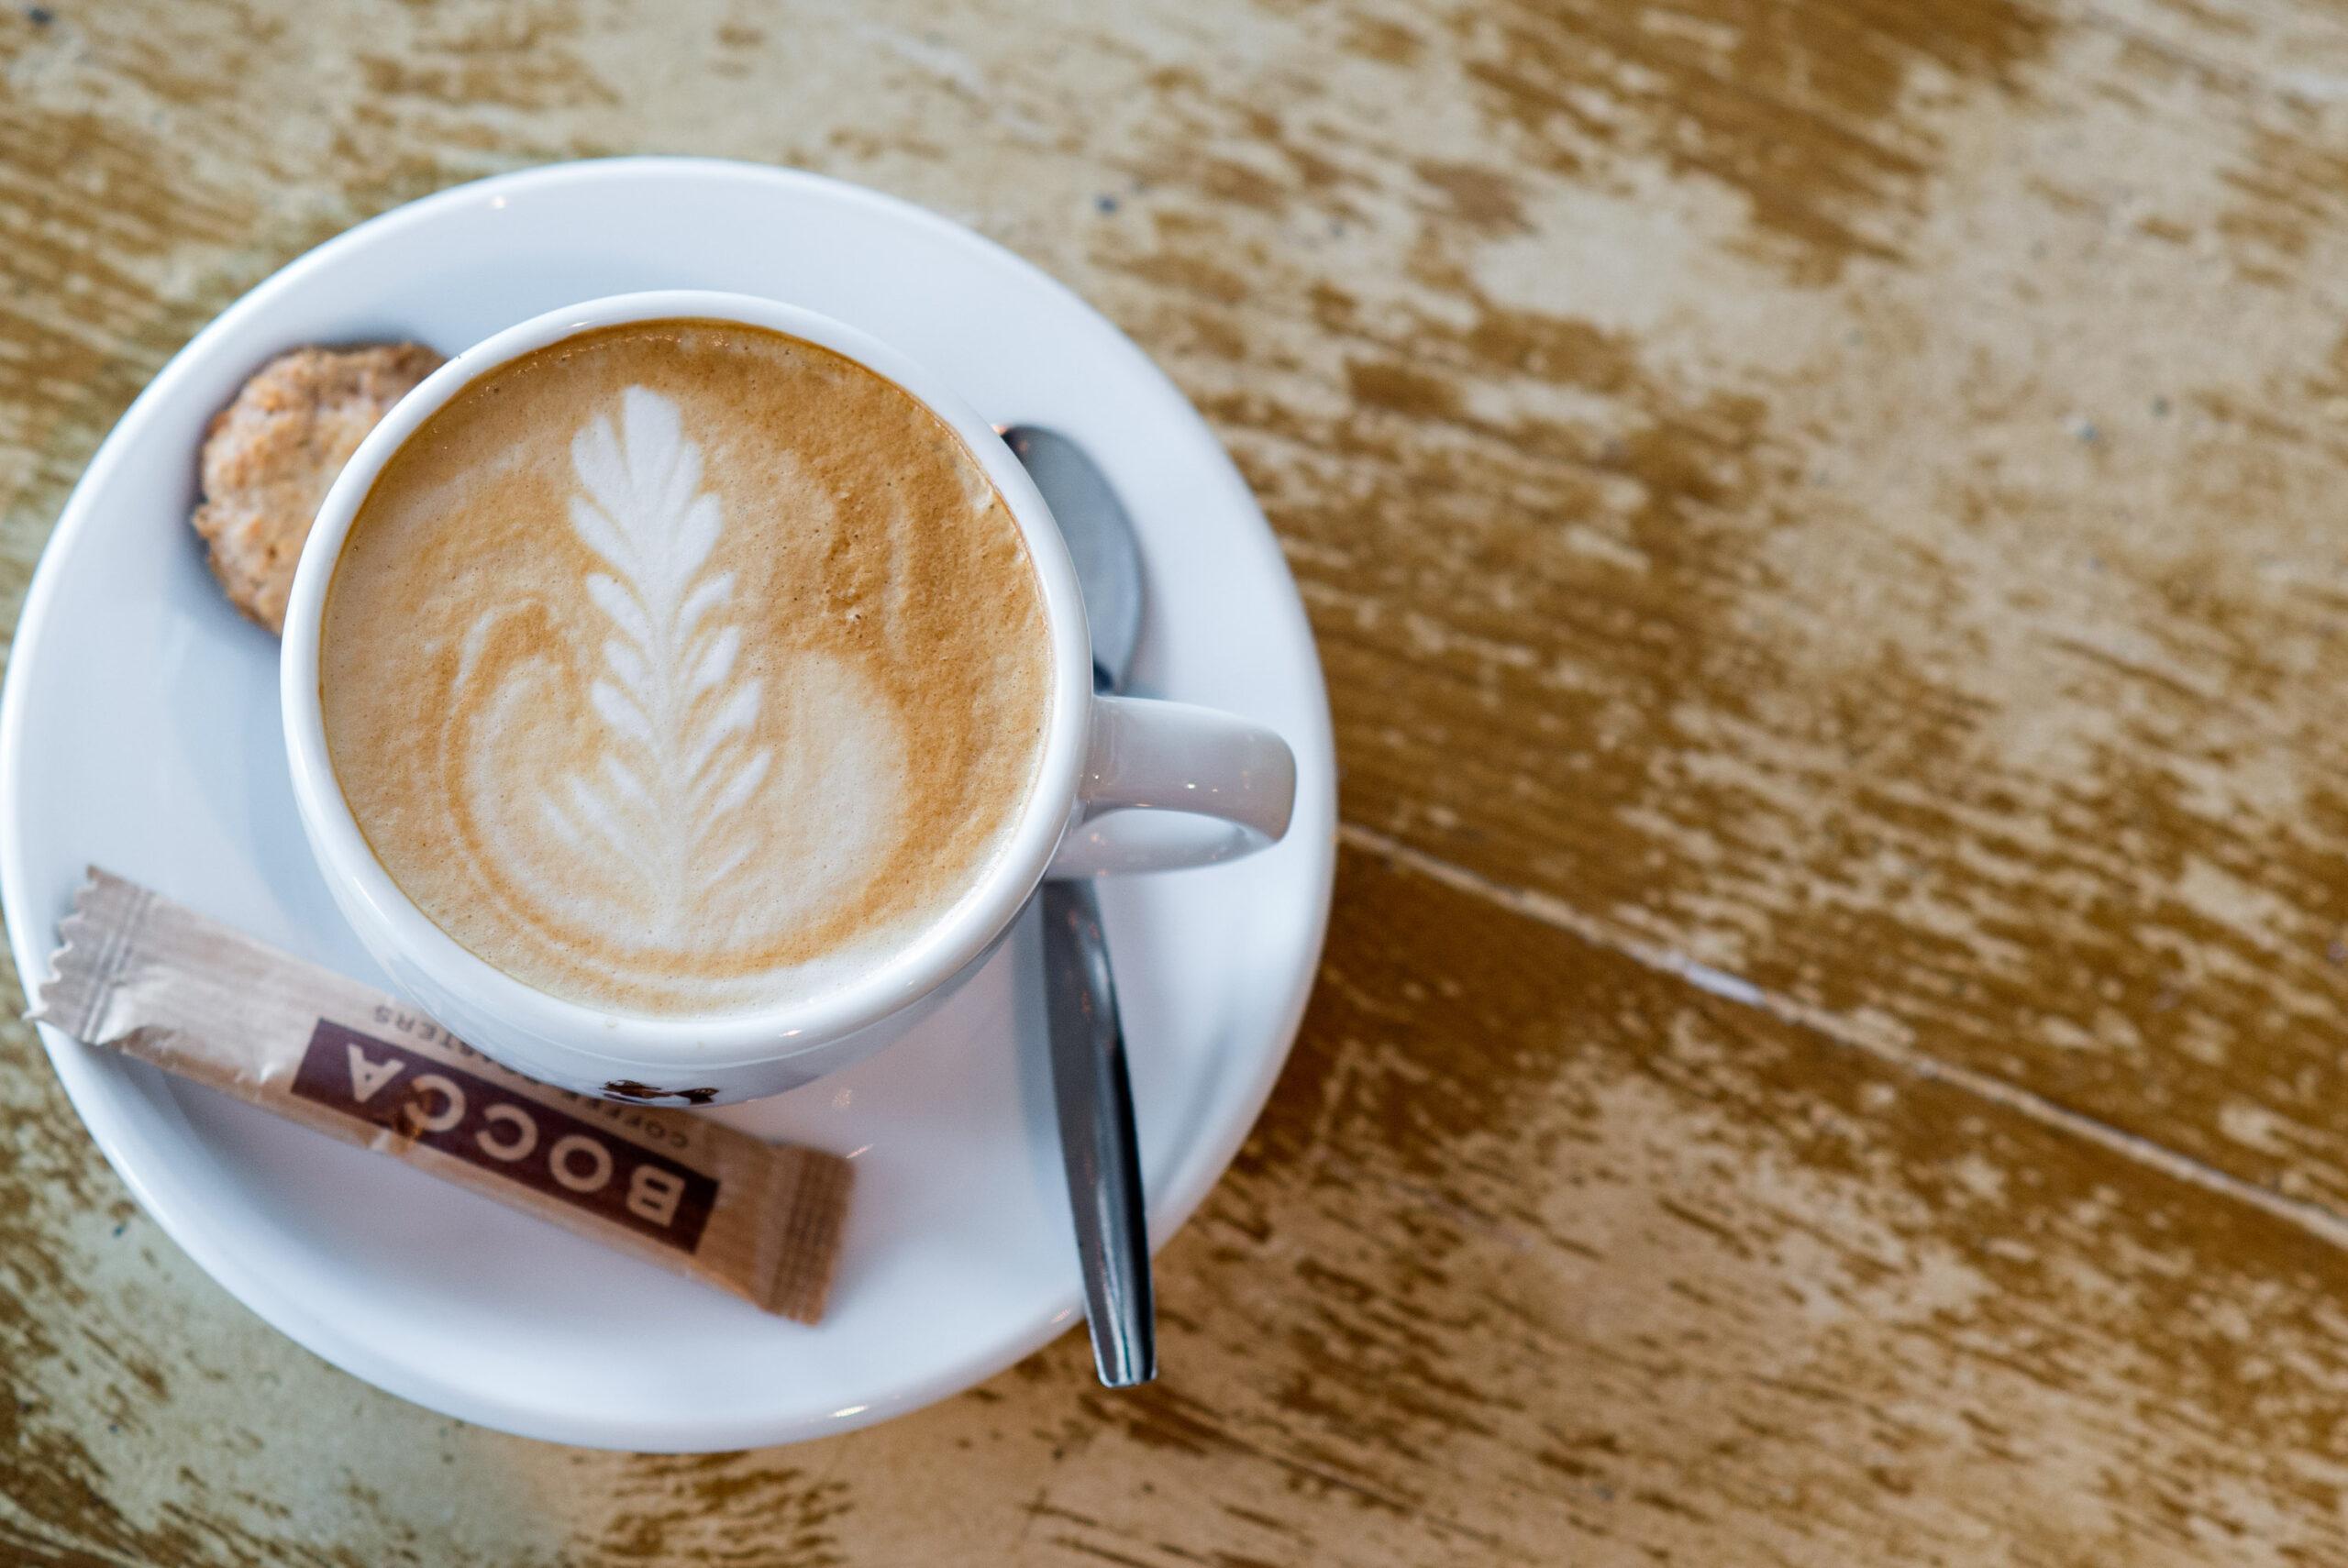 Bocca koffie